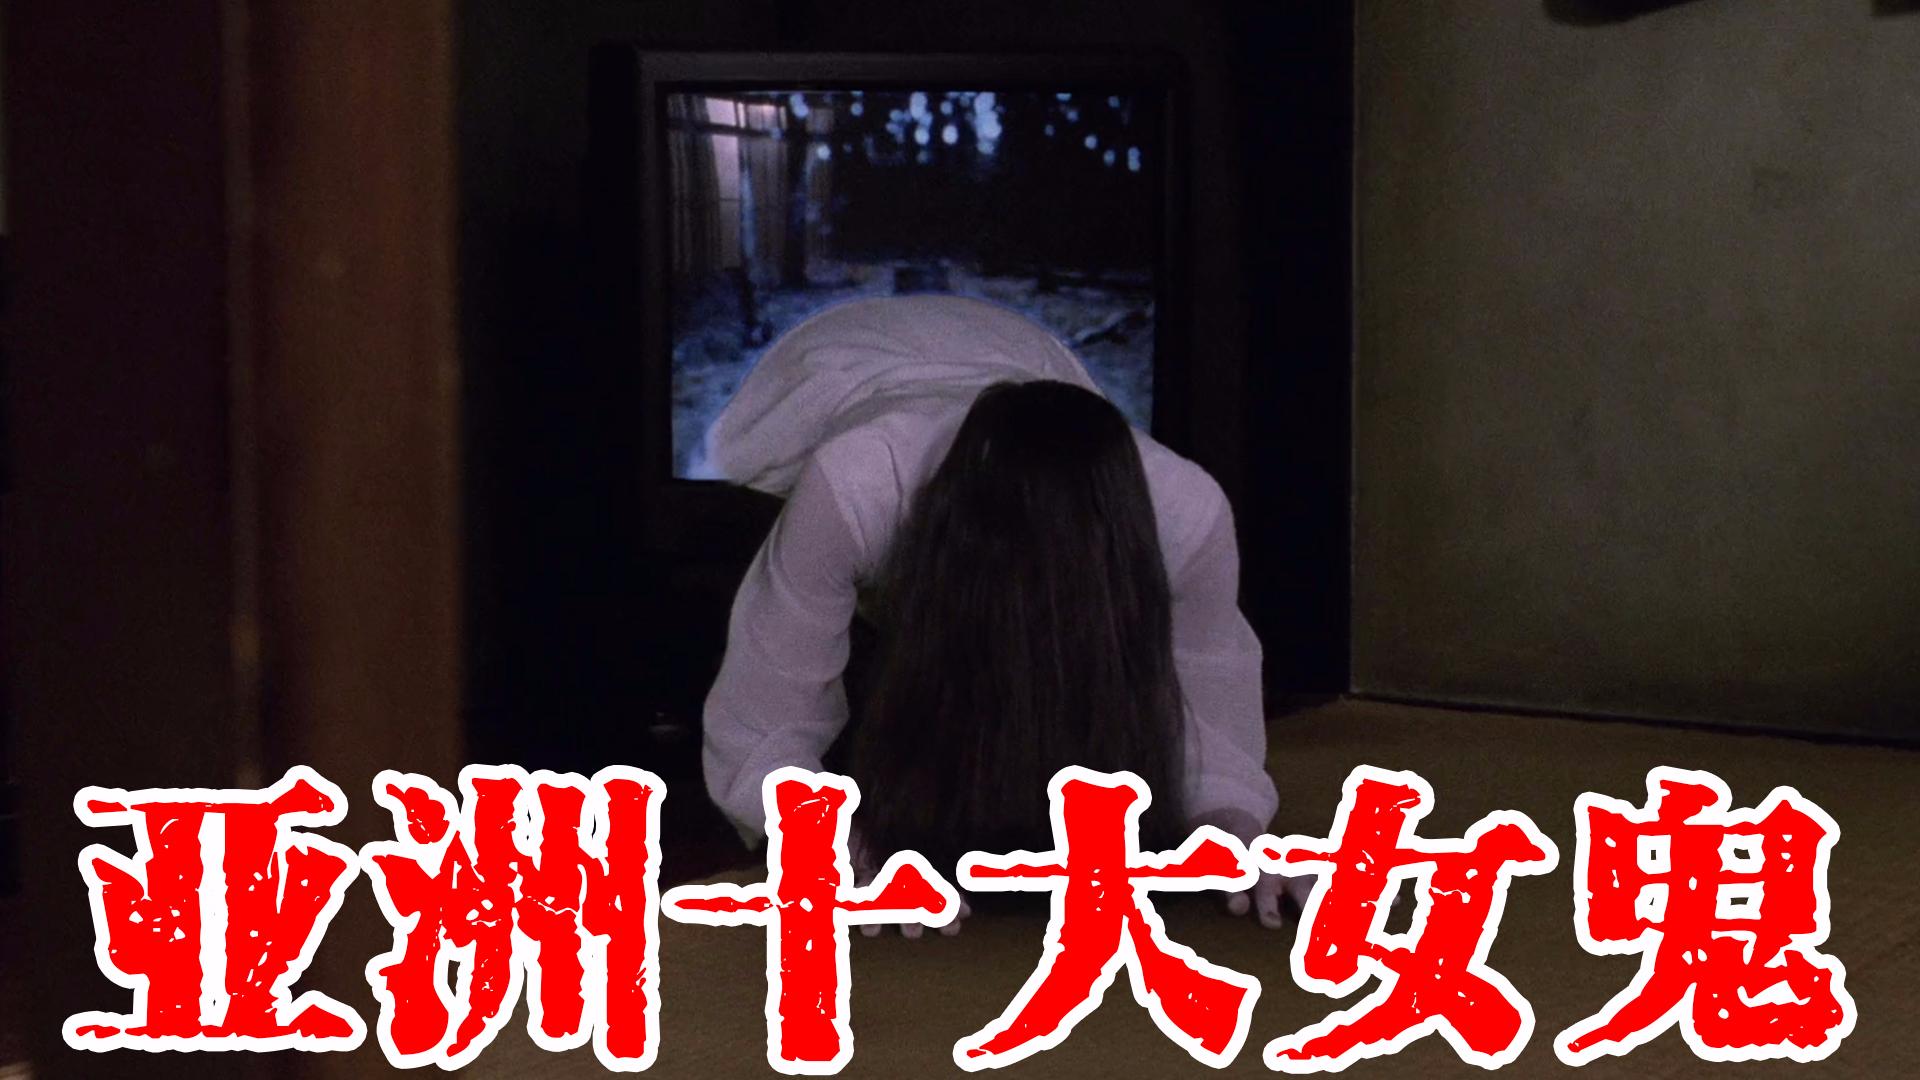 亚洲十大女鬼,贞子仅排第三,楚人美是真的吓人